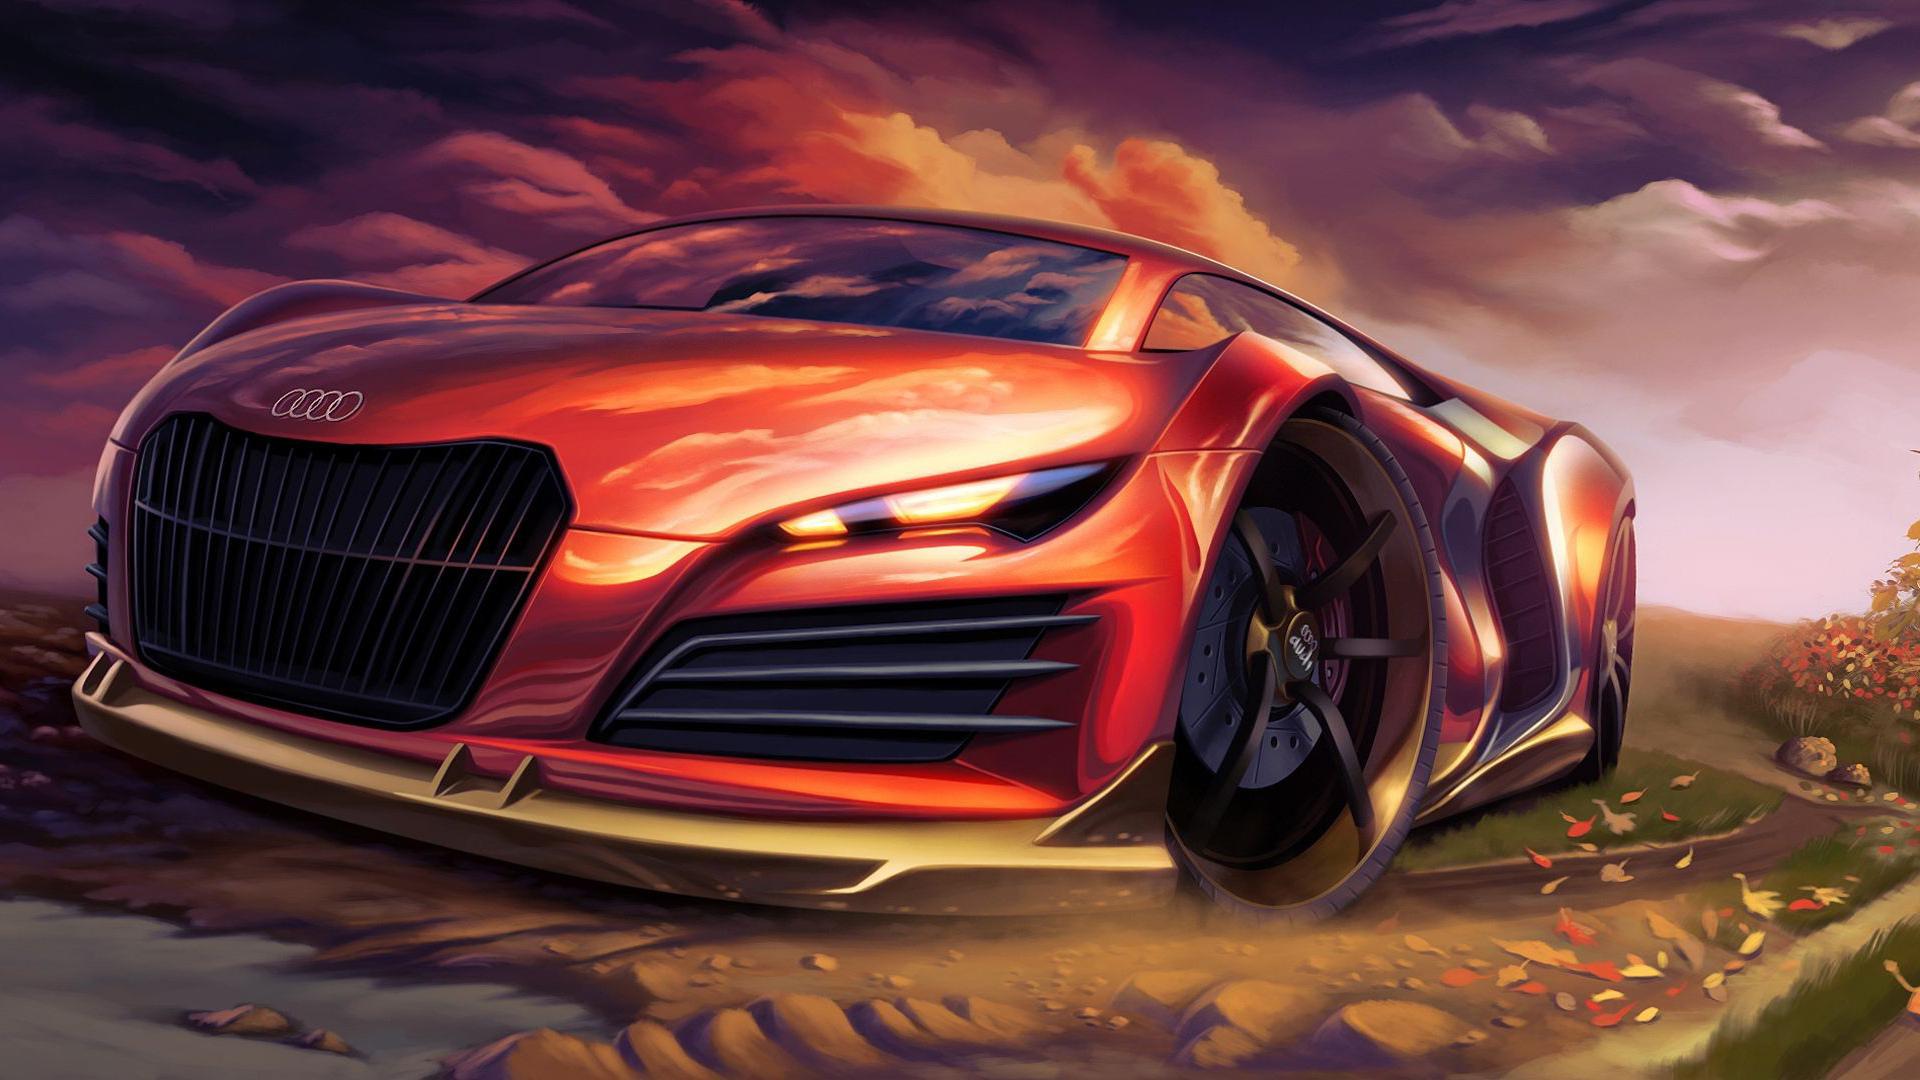 автомобиль красный спортивный бесплатно